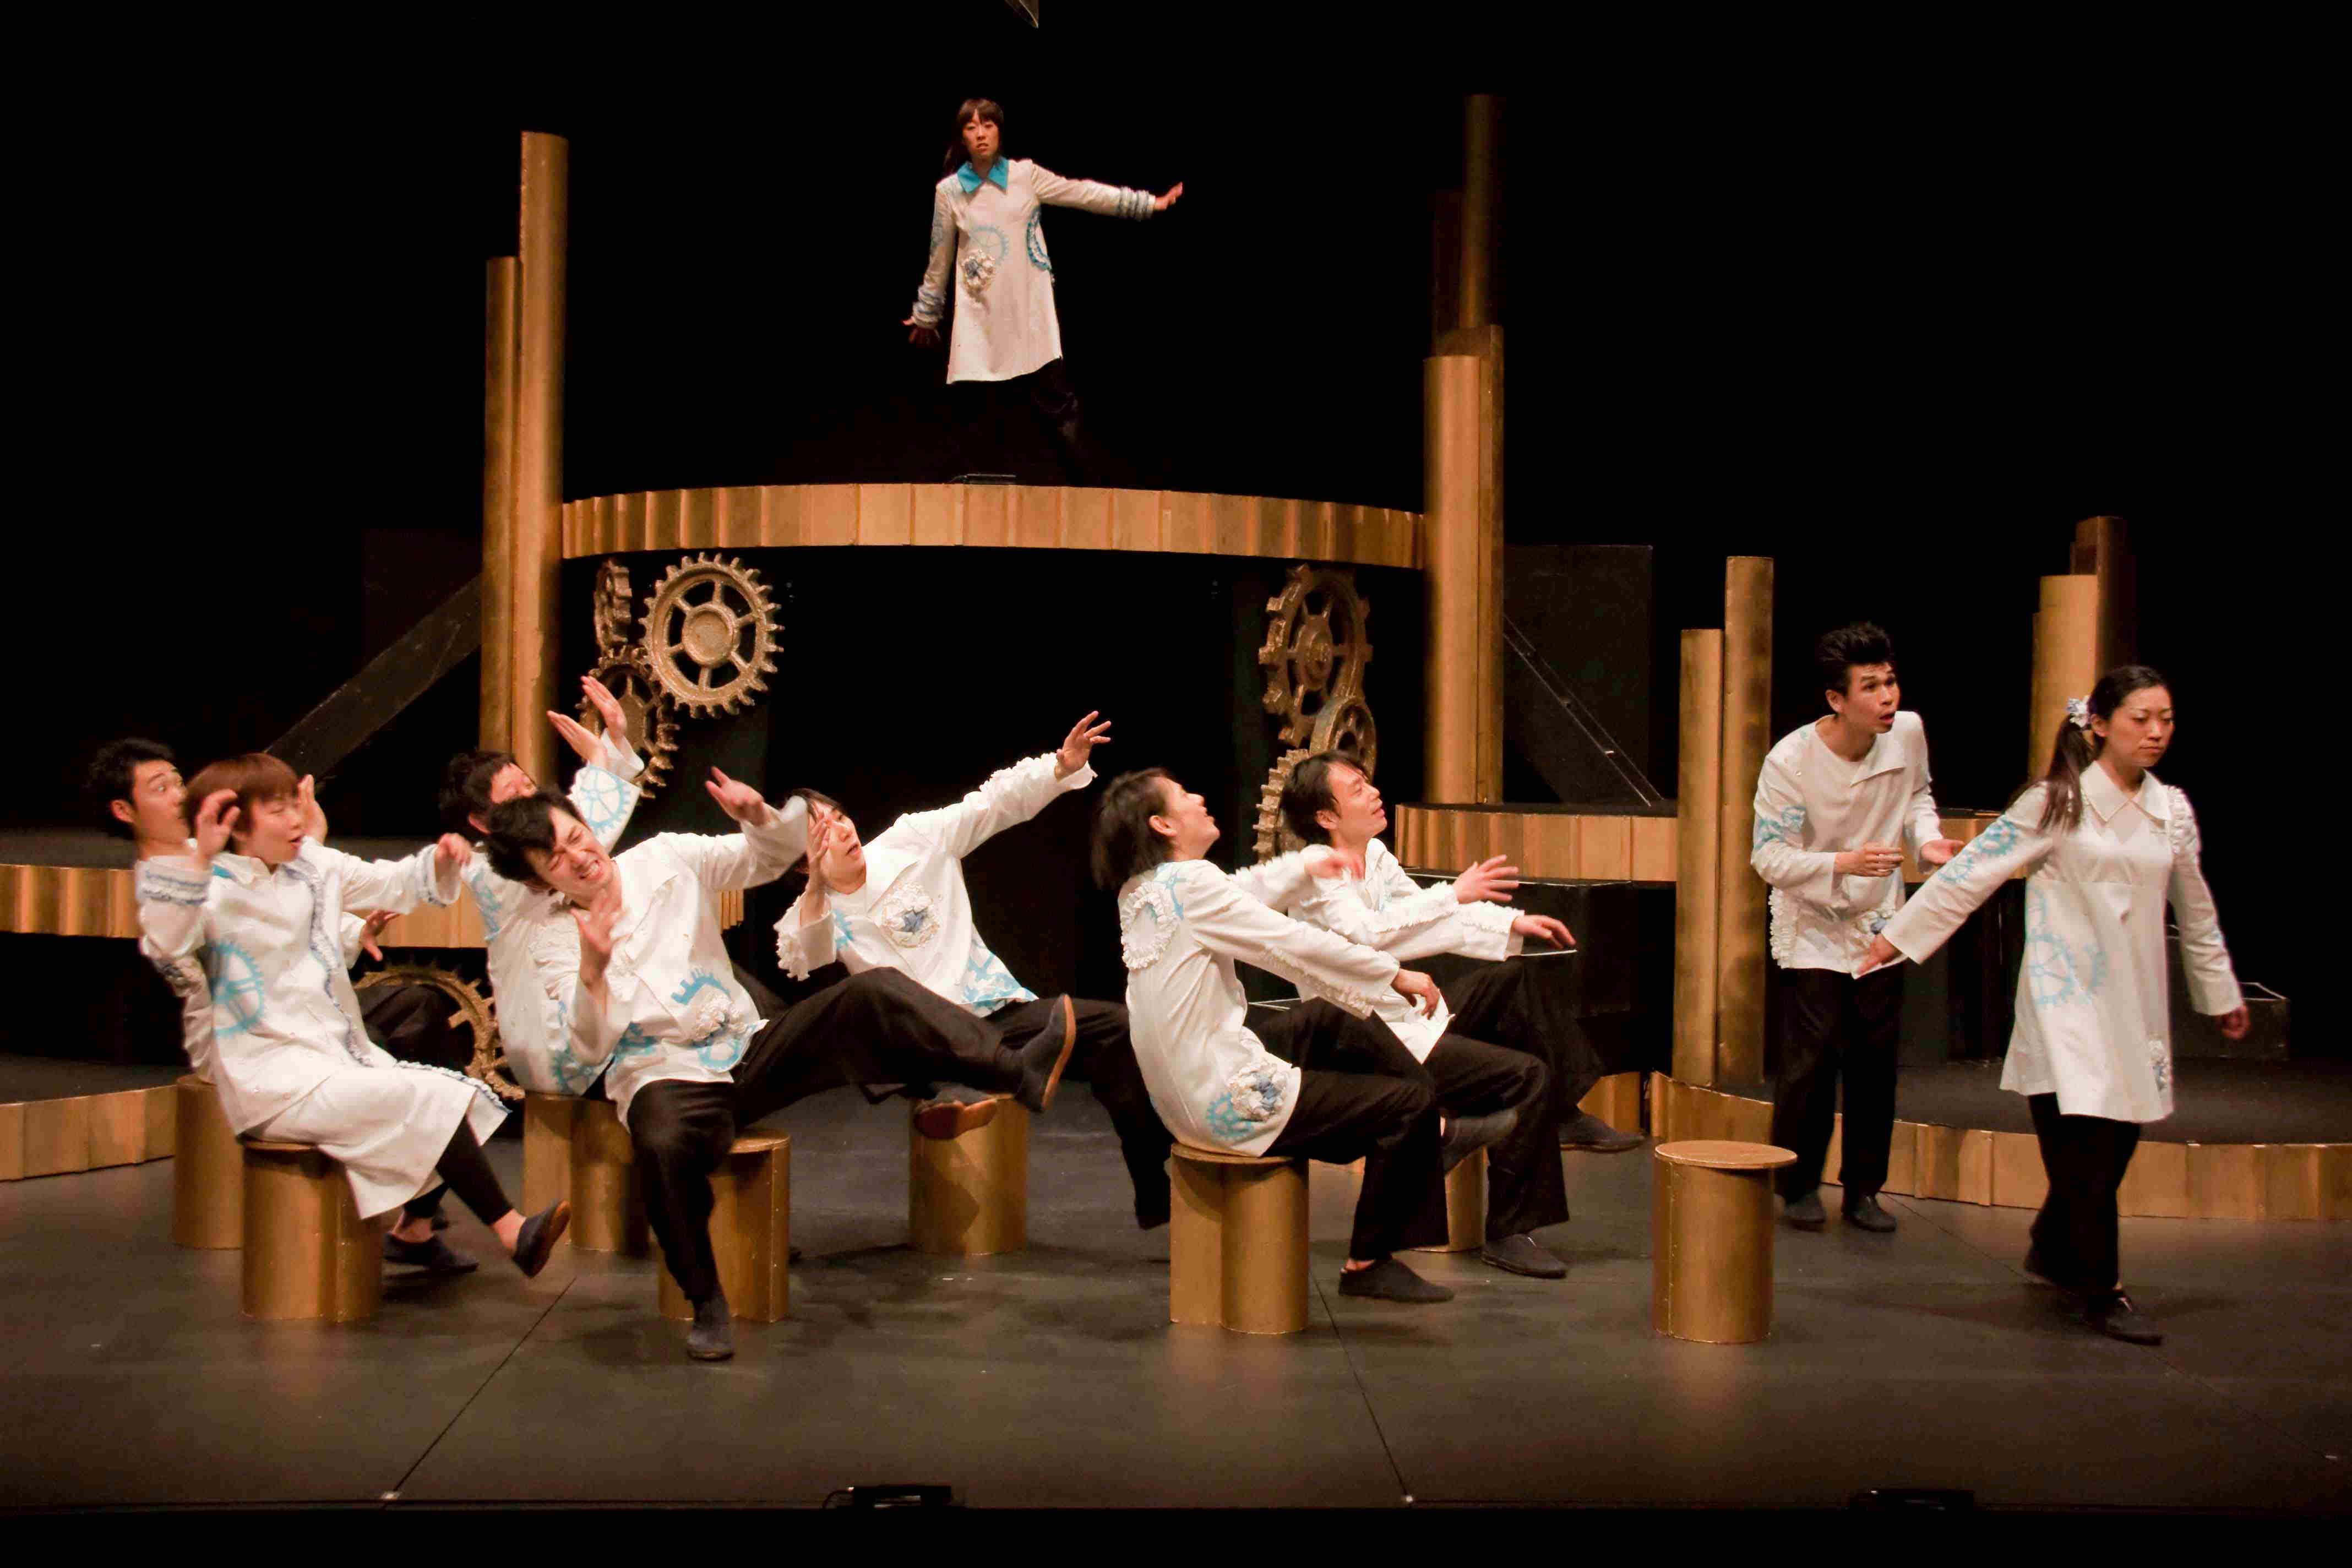 第25回公演・10周年記念公演『PerformenVI〜Paradiso〜』